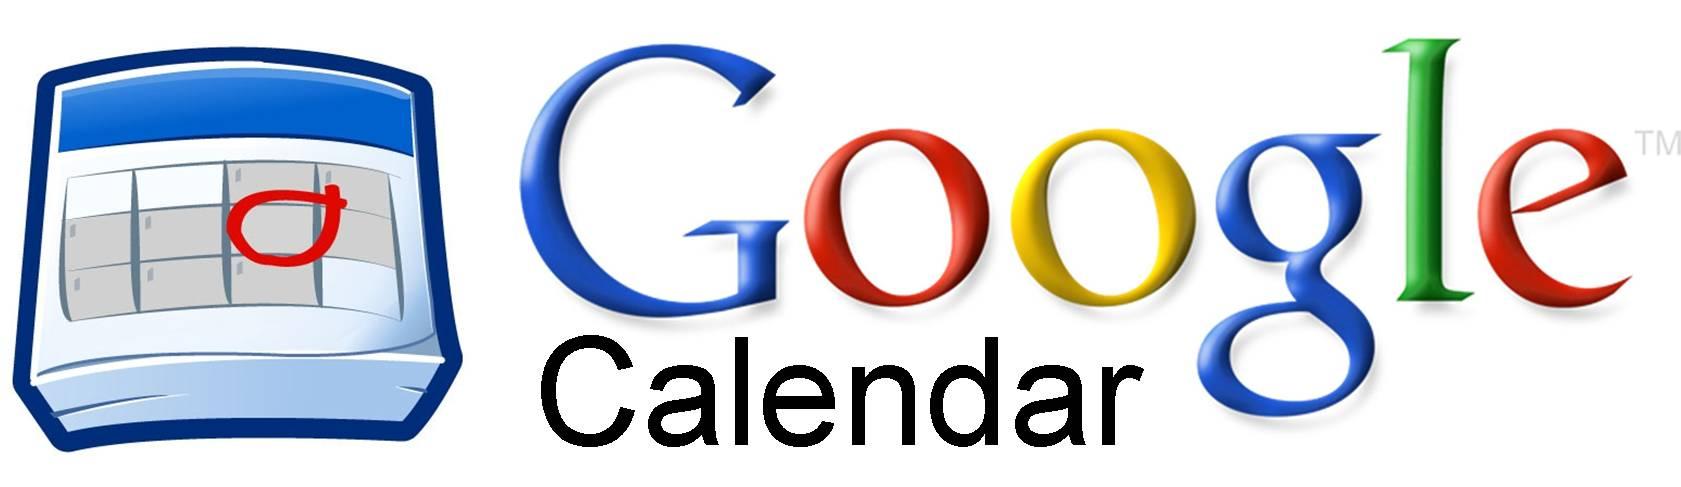 Google Calendar Productividad